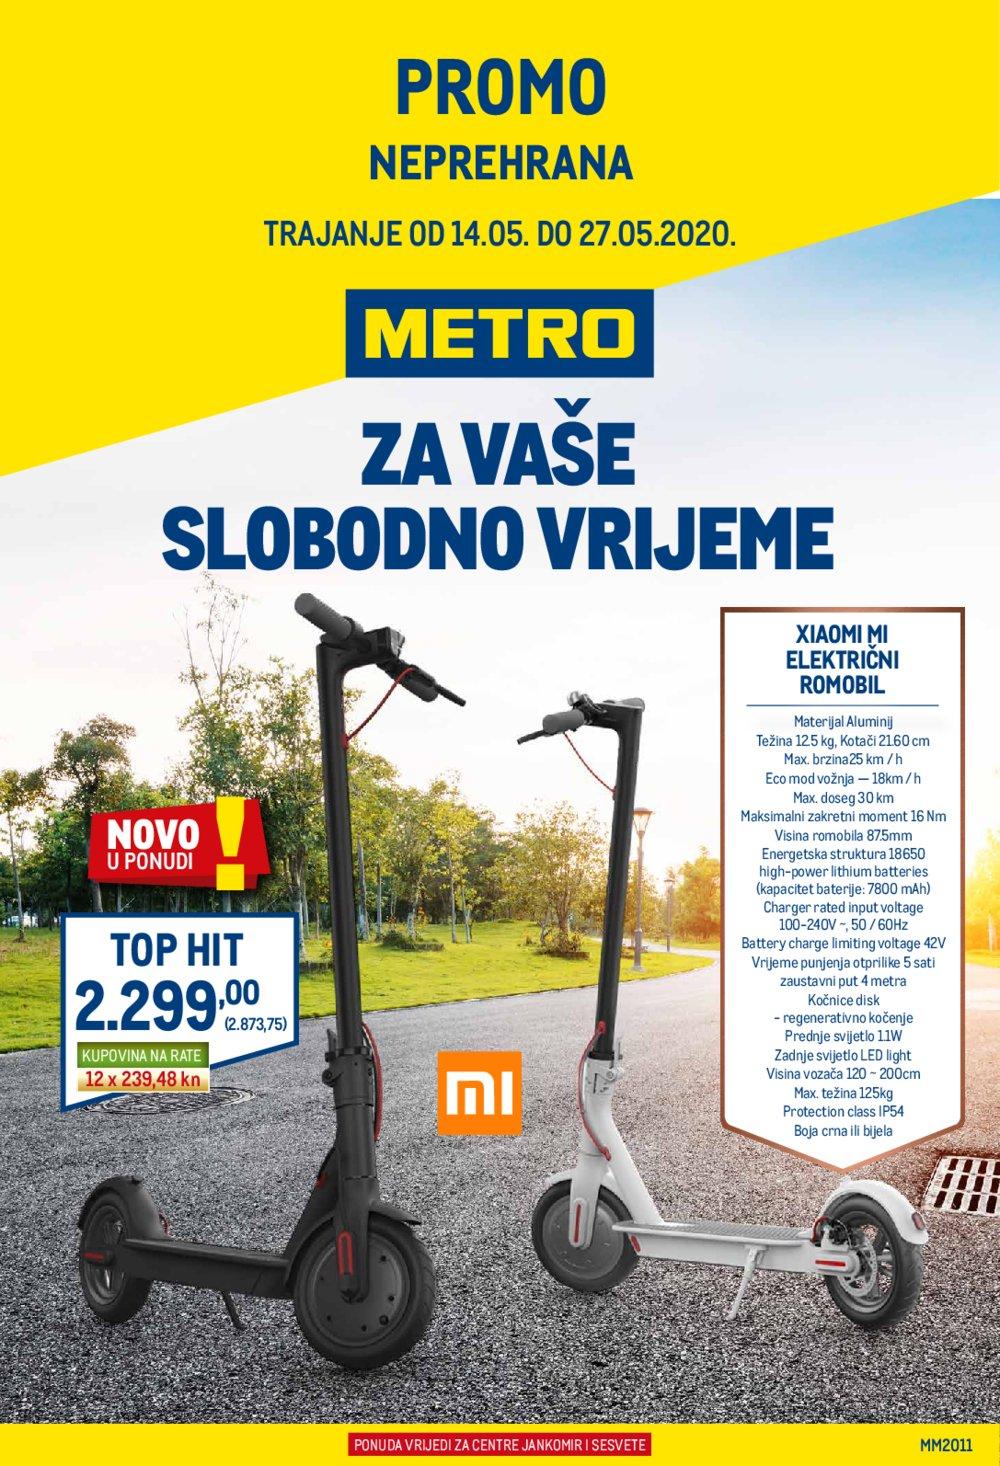 Metro katalog Neprehrana 14.05.-27.05.2020. Zg